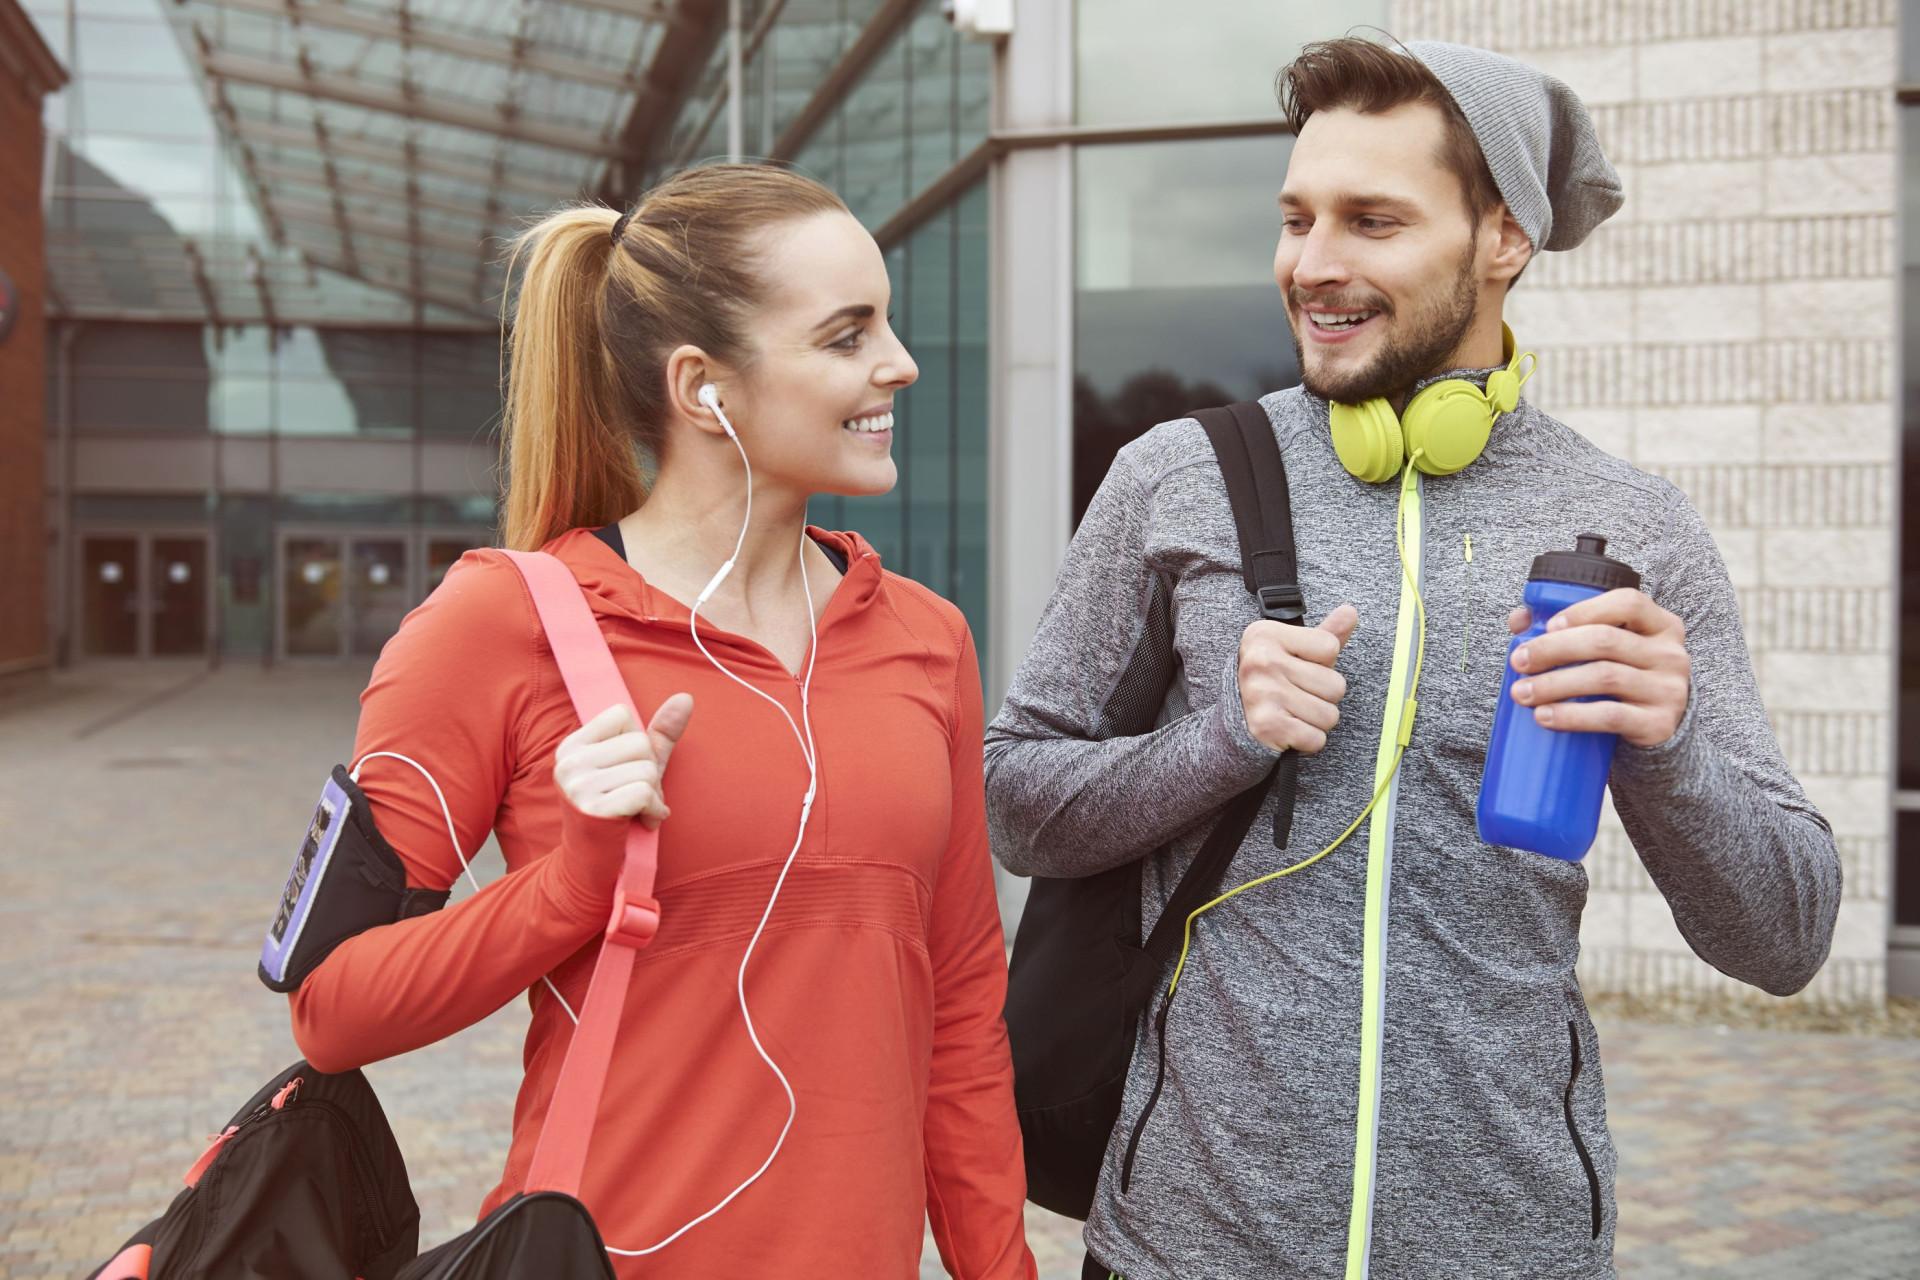 Tem tudo o que precisa para treinar no ginásio?